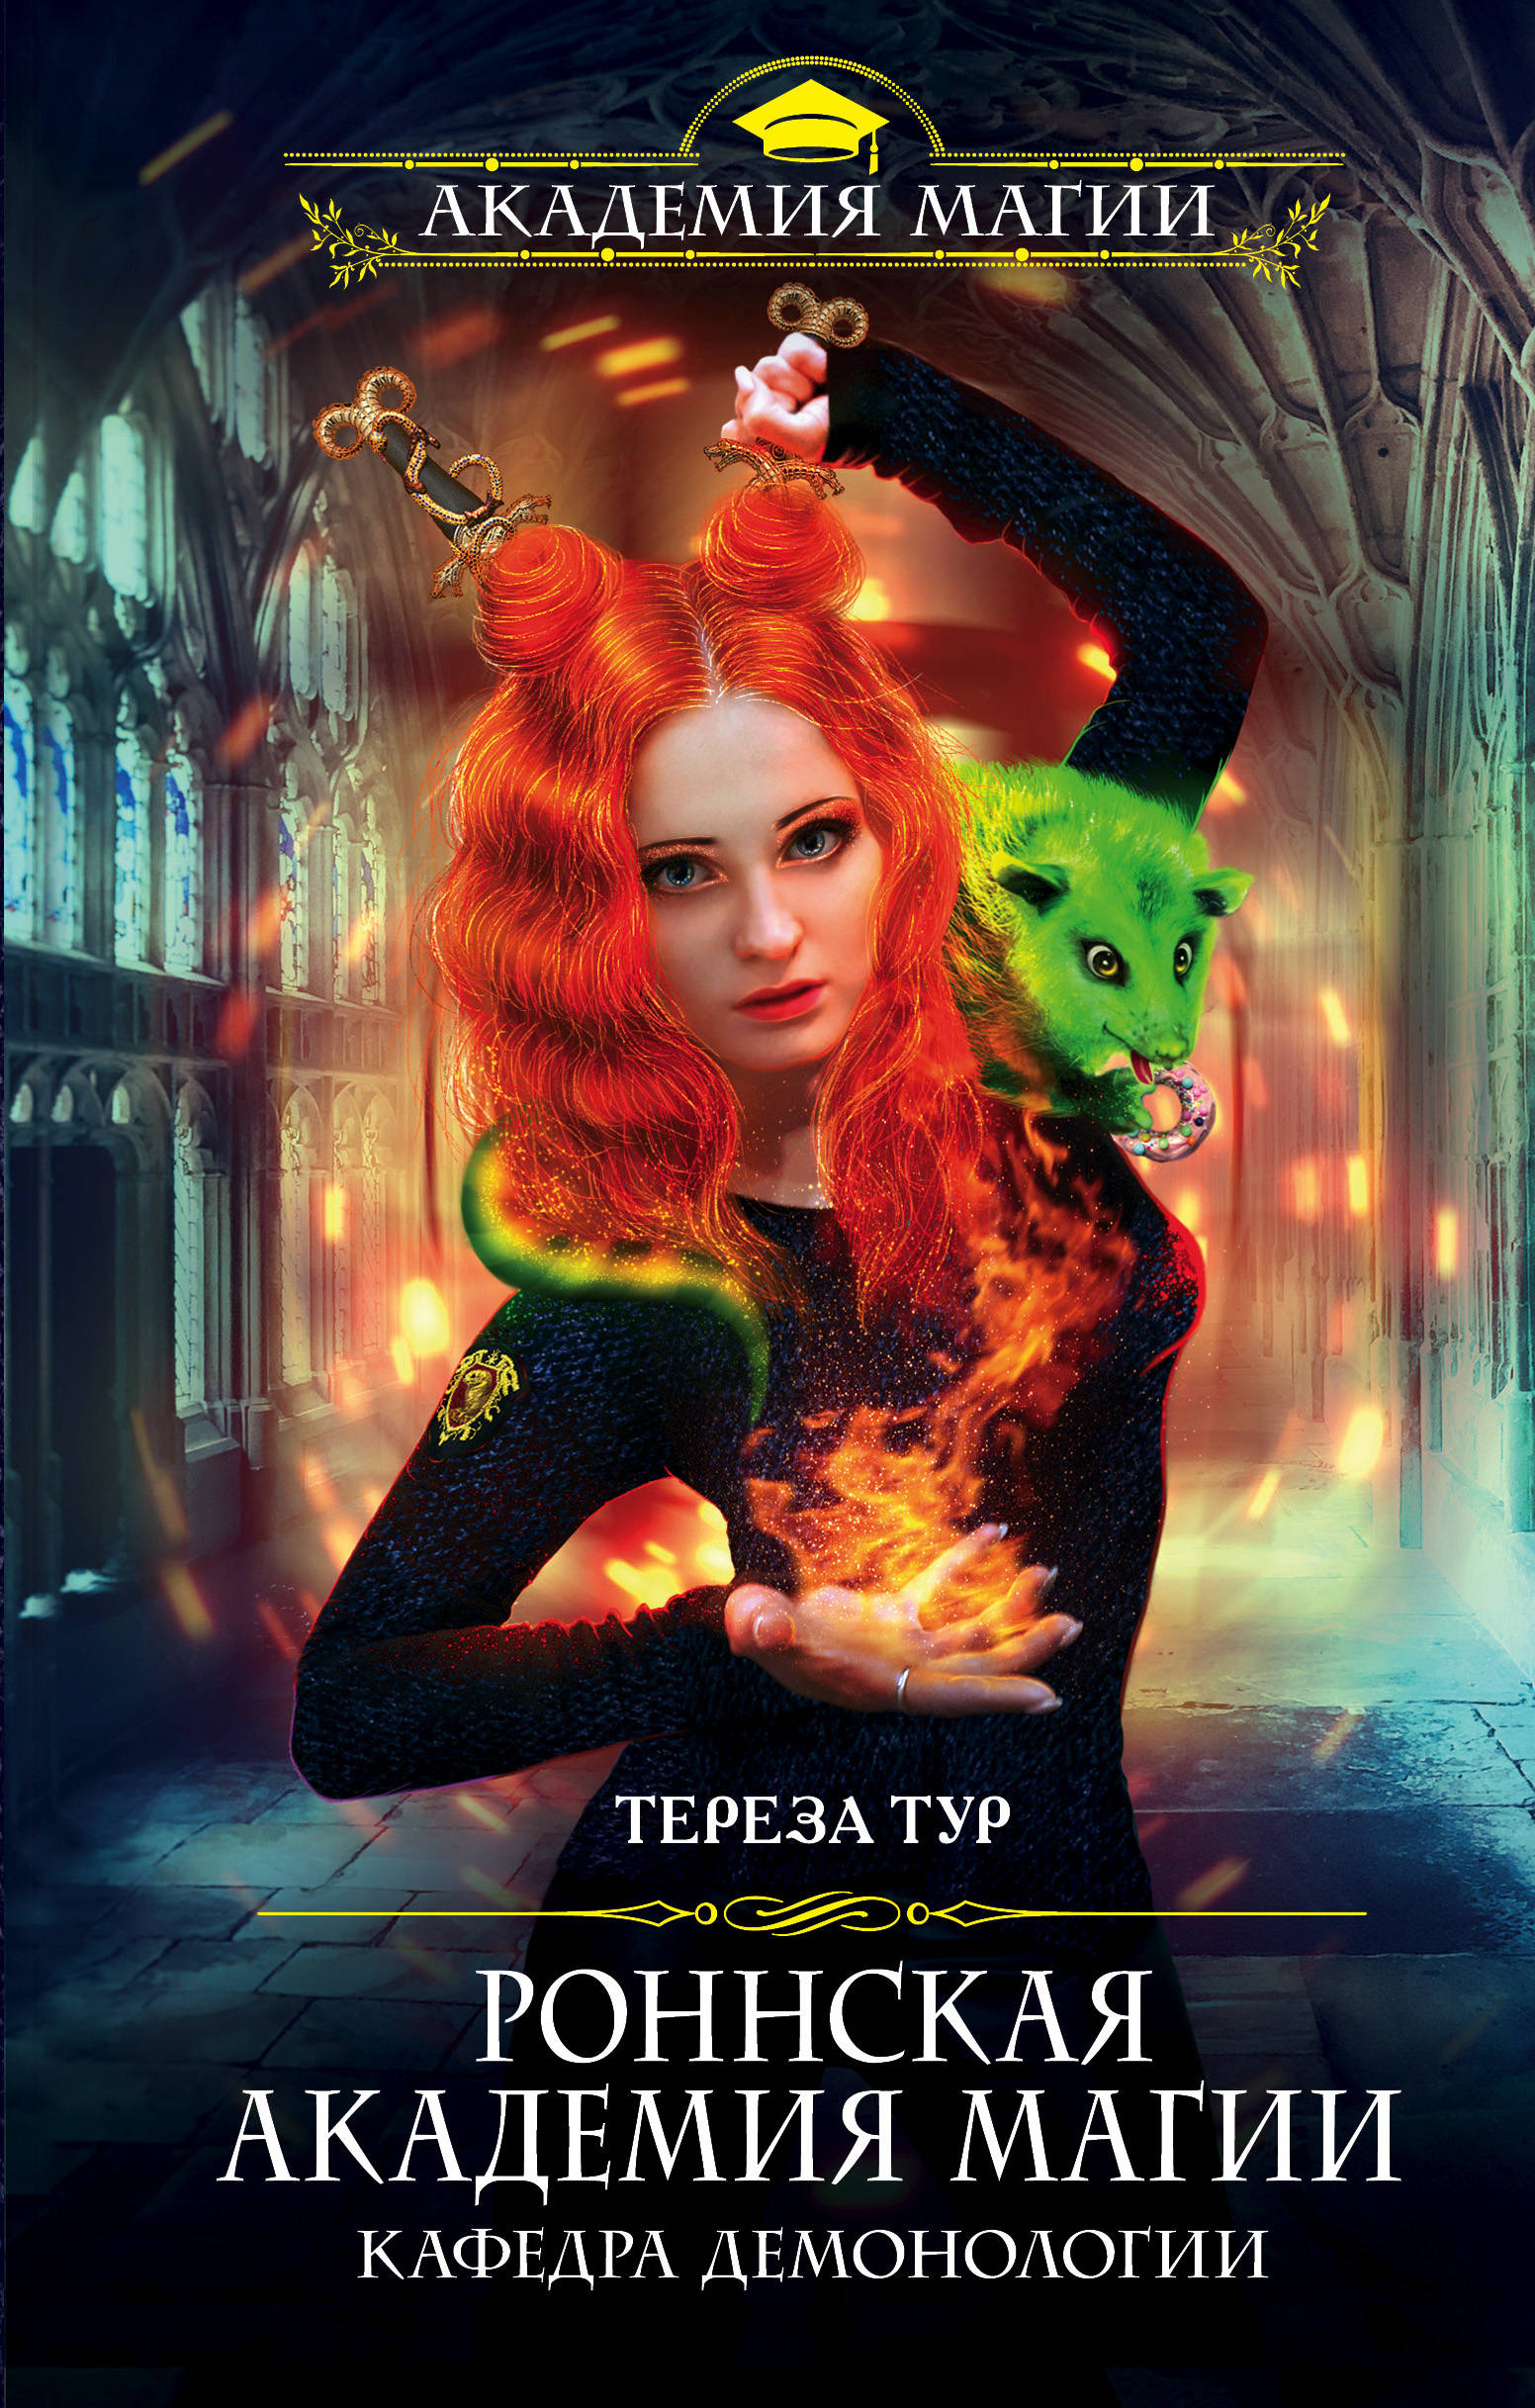 Тереза Тур «Роннская Академия Магии. Кафедра демонологии»